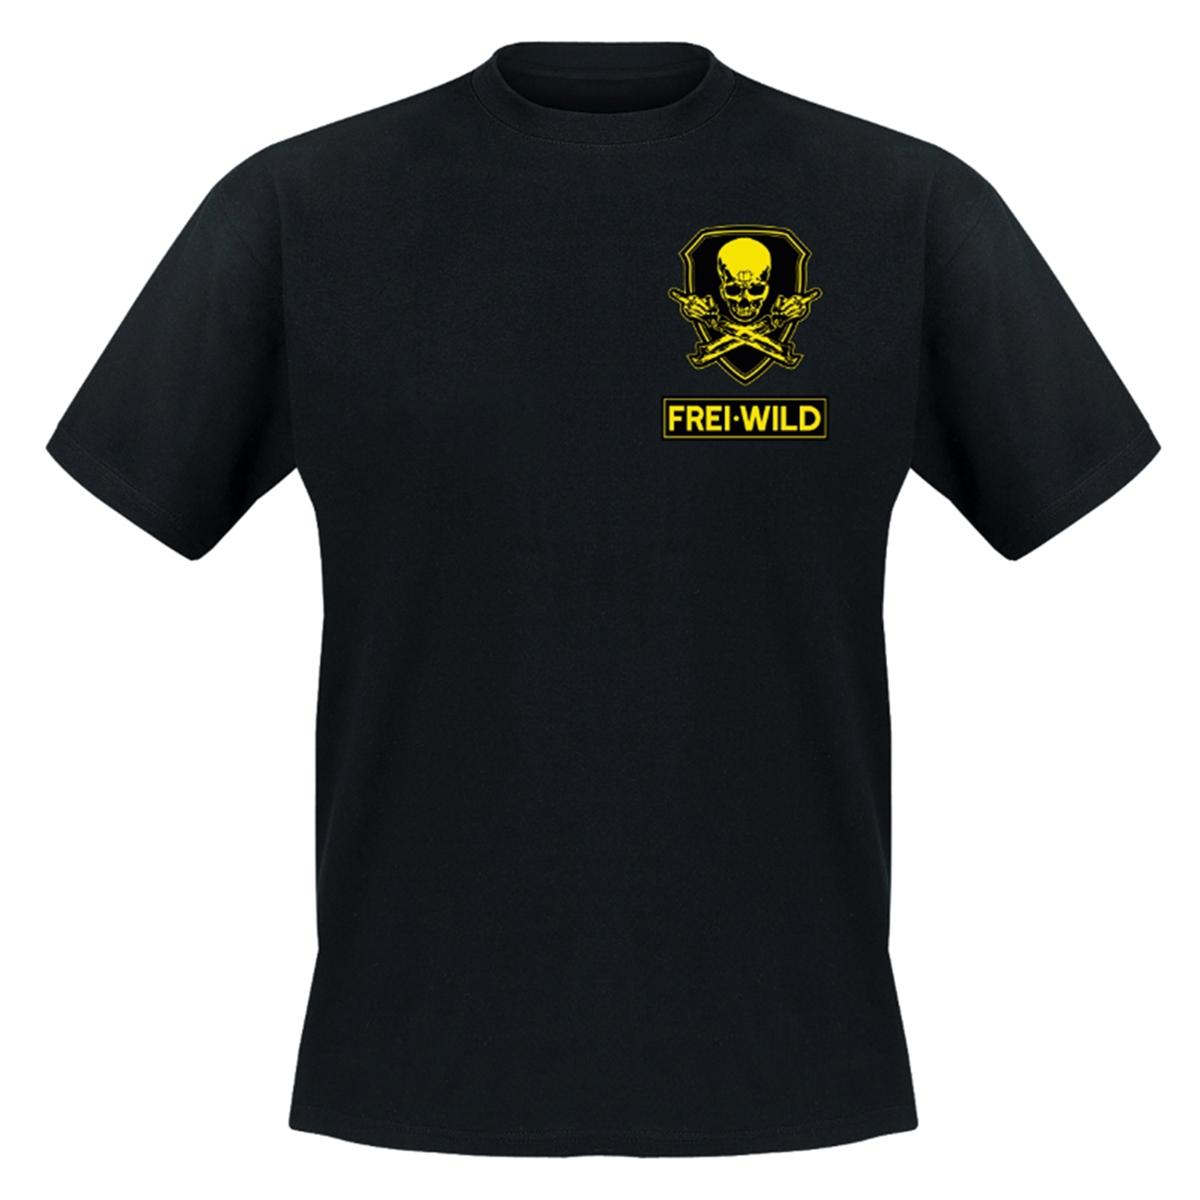 Freiwild Rr Antiwillkommen T Shirt Halt Deine Schnauze Mailorder